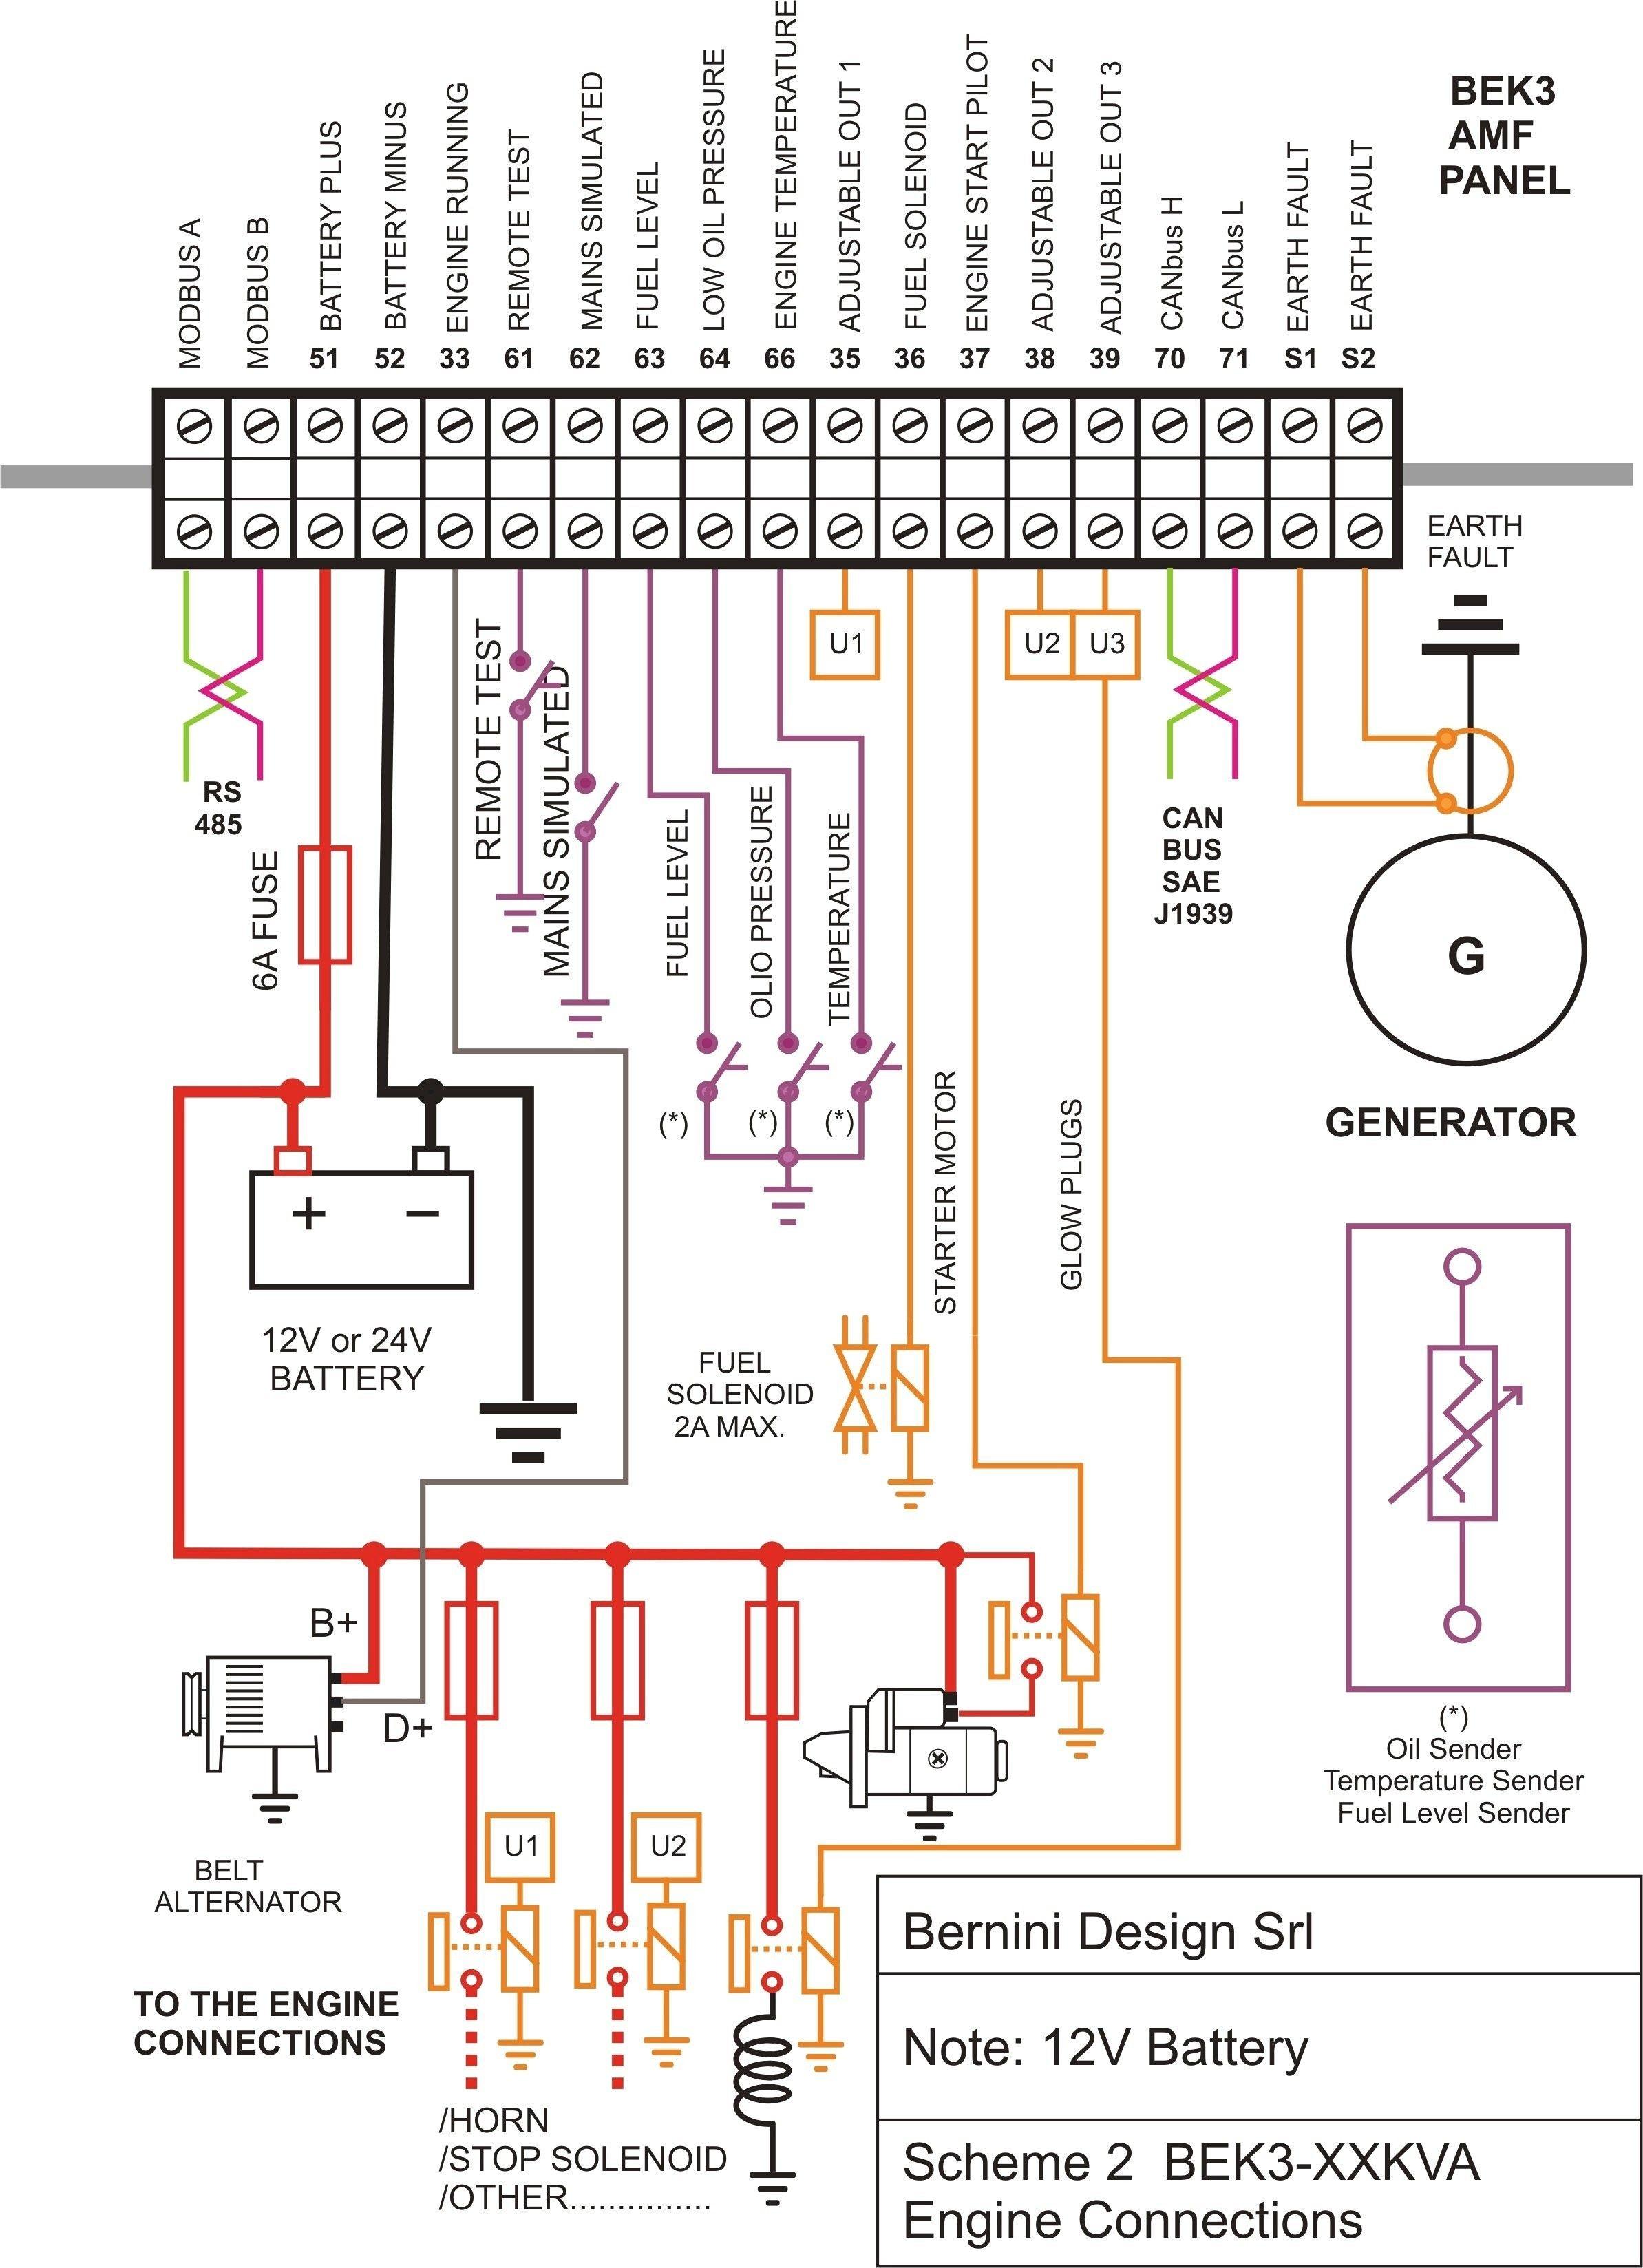 Wiring Schematic with Arduino Luxury Free Wiring Diagram Sample Mac Diagrams Of Wiring Schematic with Arduino